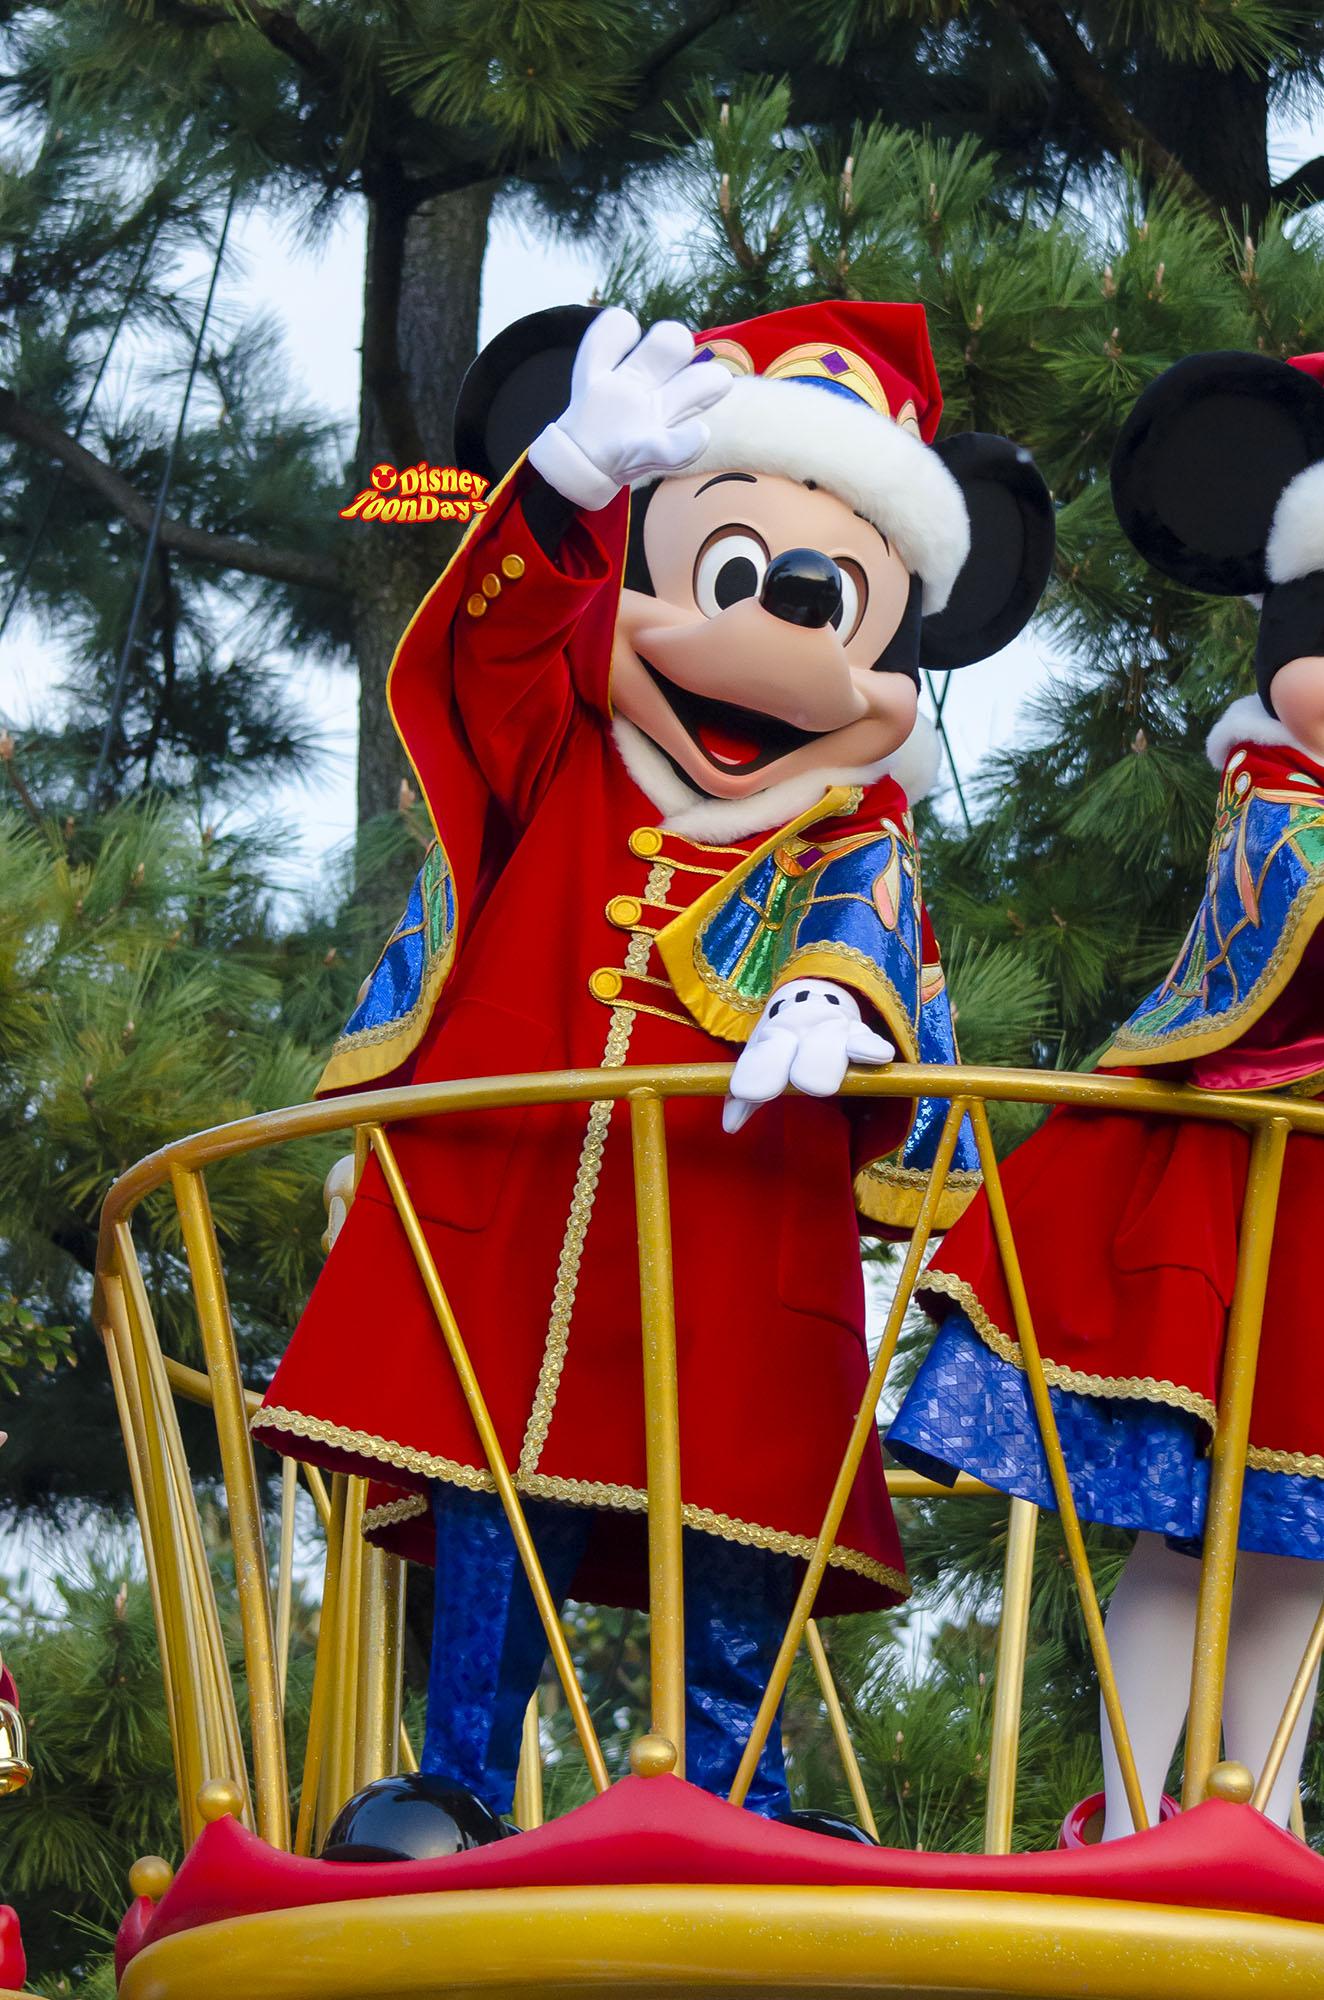 TDL クリスマスファンタジー ディズニーサンタヴィレッジパレード ミッキーマウス